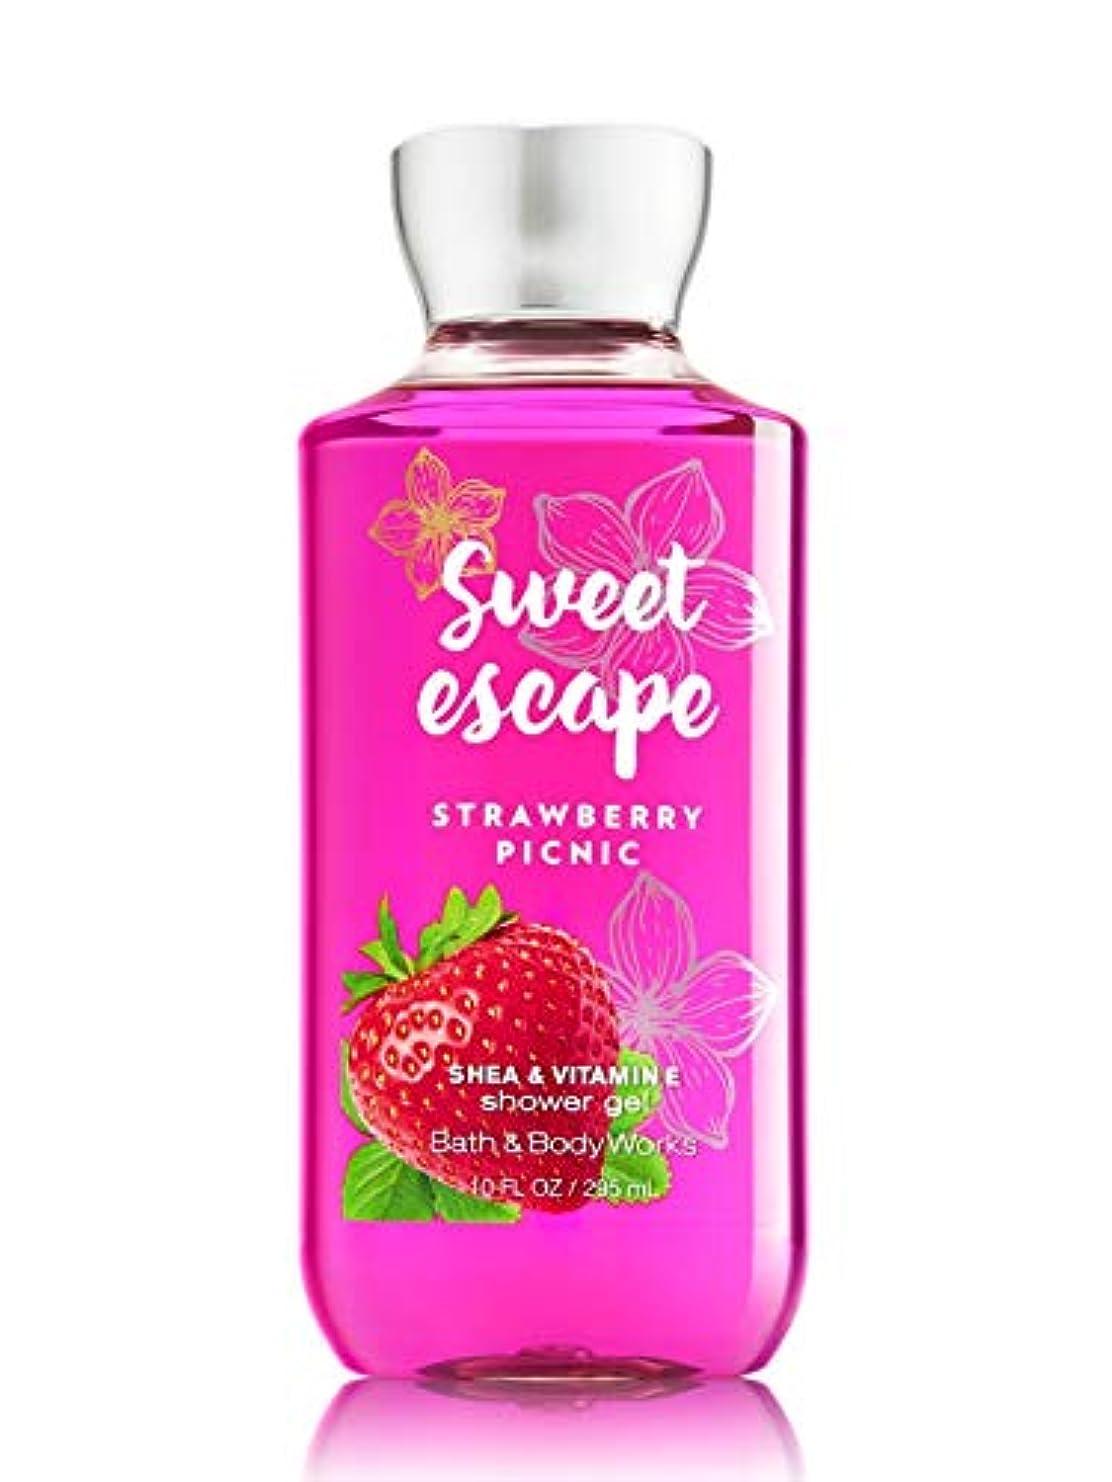 予算遅れ装置【Bath&Body Works/バス&ボディワークス】 シャワージェル ストロベリーピクニック Shower Gel Sweet Escape Strawberry Picnic 10 fl oz / 295 mL [...